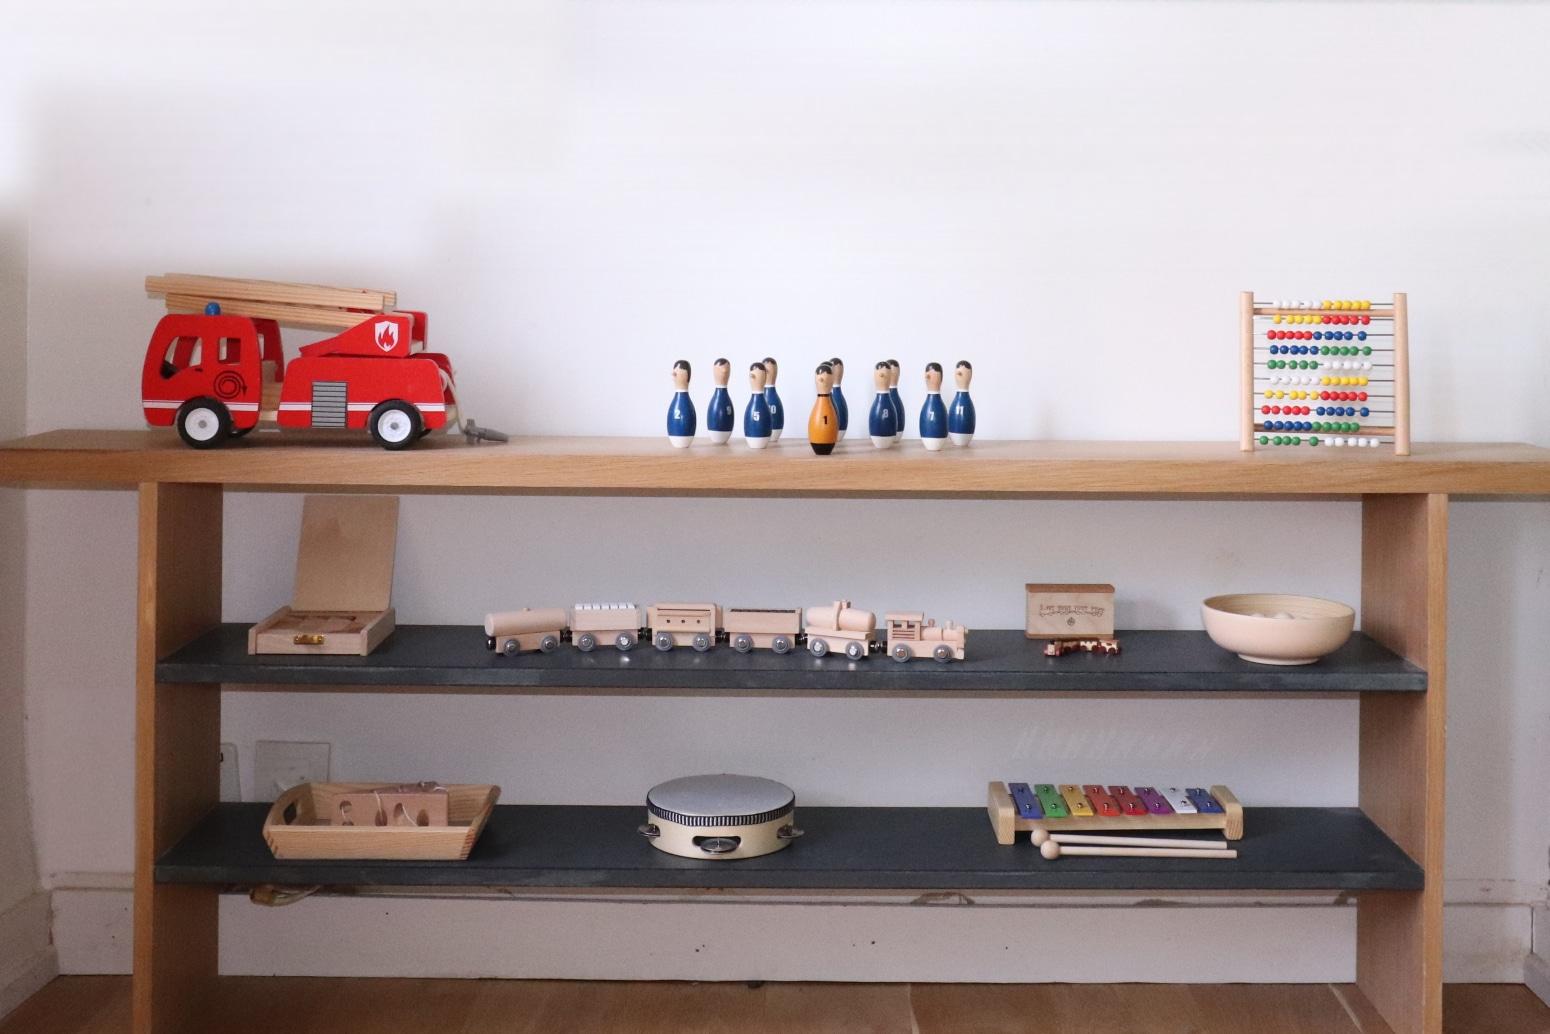 étagère-désencombrée_jouets_Montessori_4ans